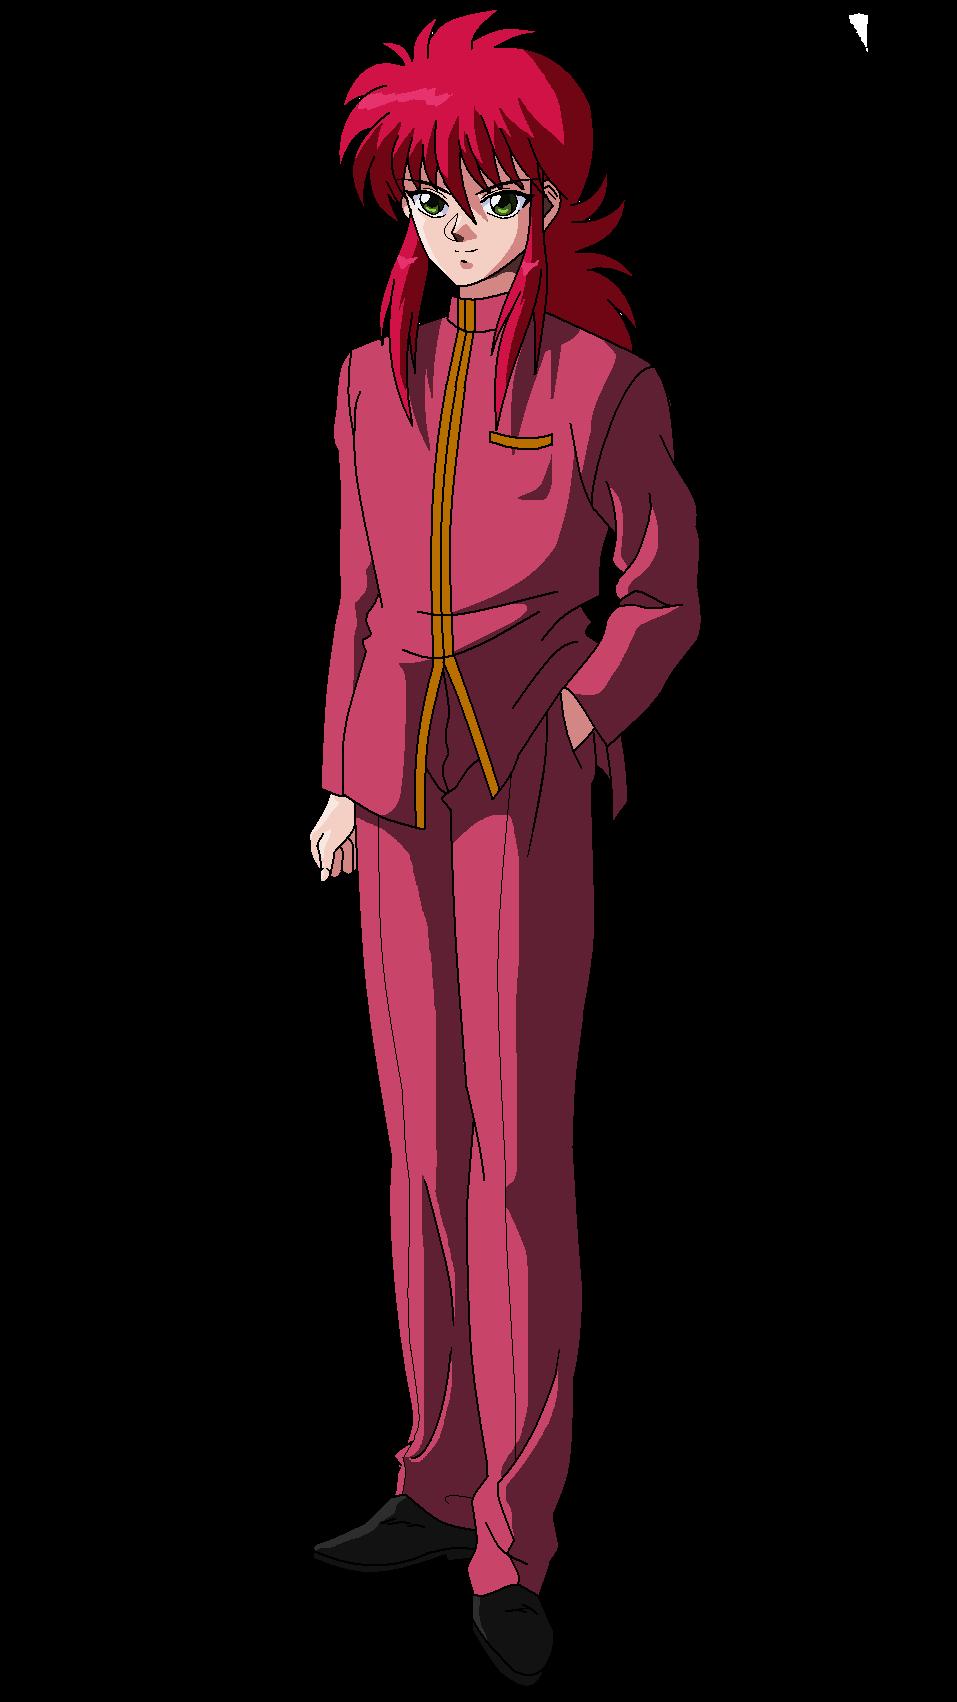 Yusuke Urameshi Yu Yu Hakusho Yuyu Hakusho Yuyu Yu Yu Hakusho Manga